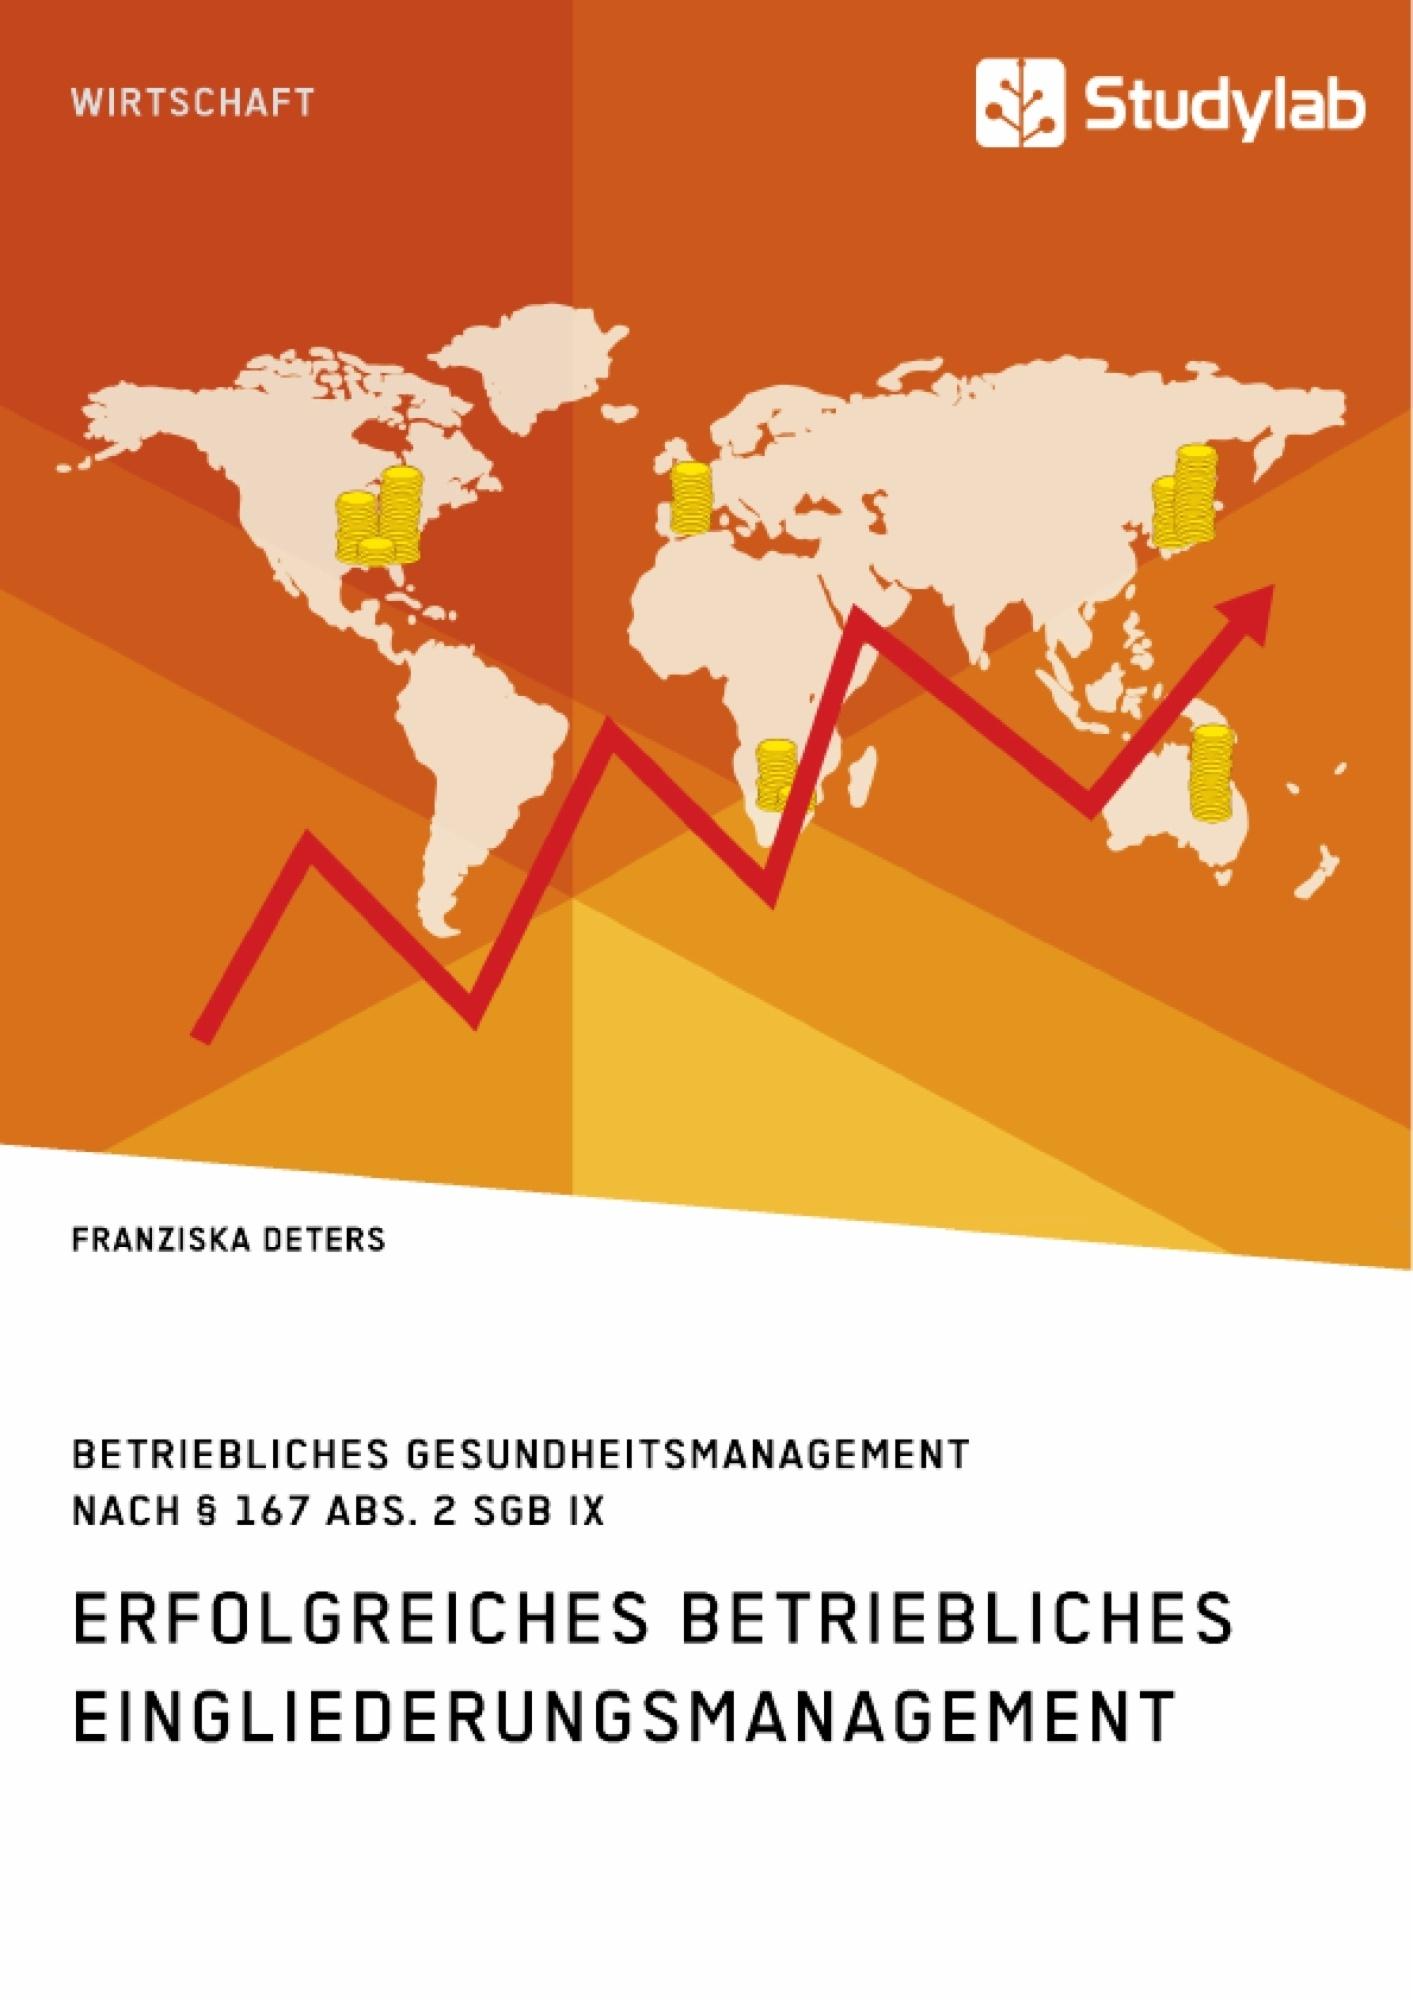 Titel: Erfolgreiches Betriebliches Eingliederungsmanagement in kleinen und mittleren Unternehmen